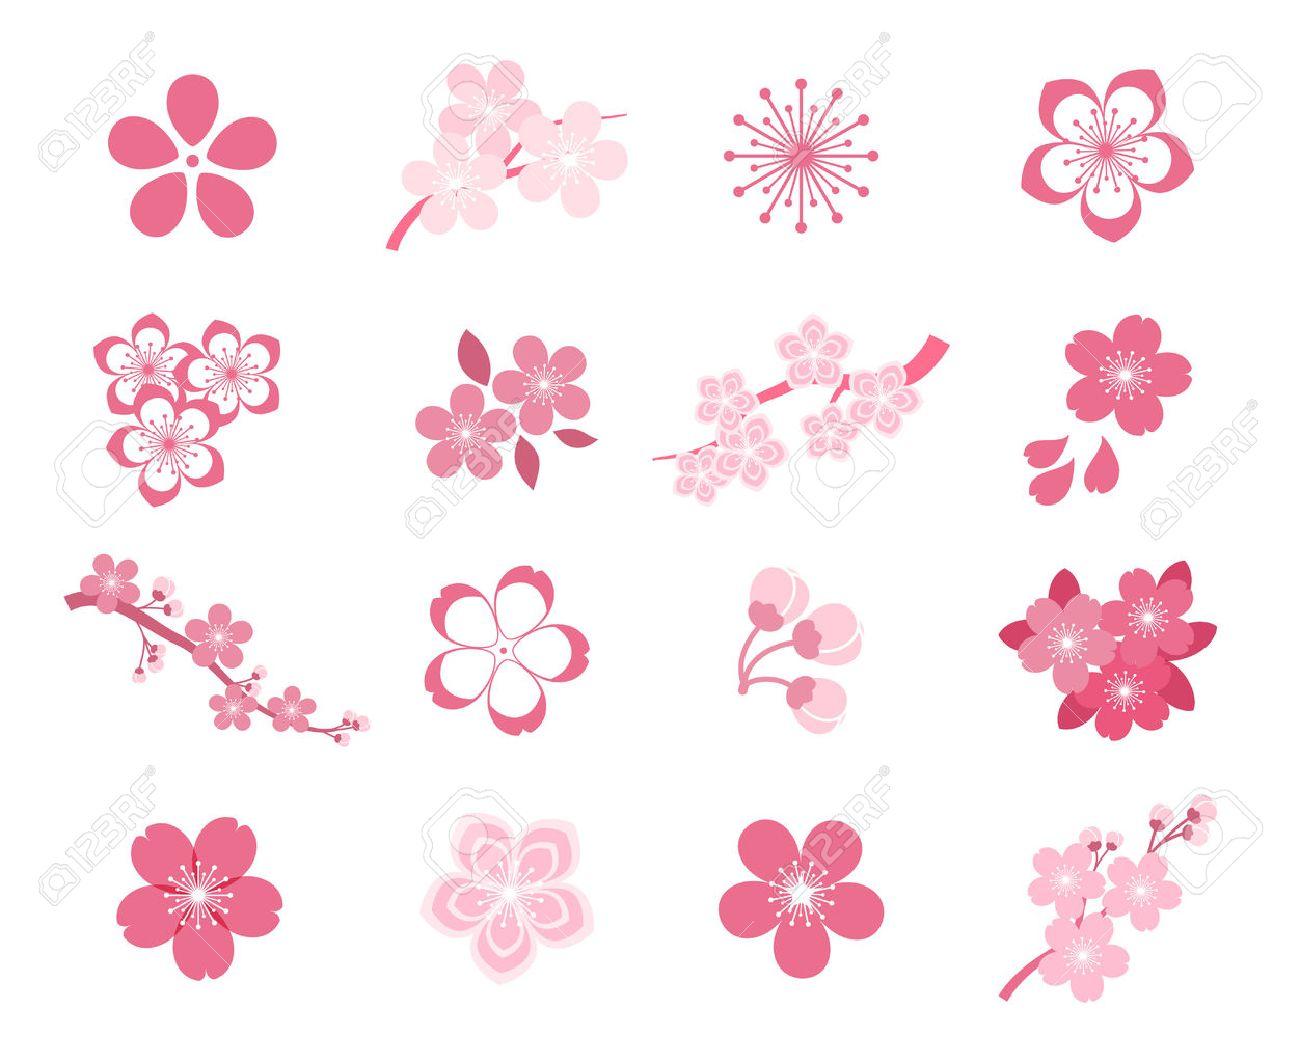 La Flor De Cerezo Japonés Sakura Icono De Vector Naturaleza De